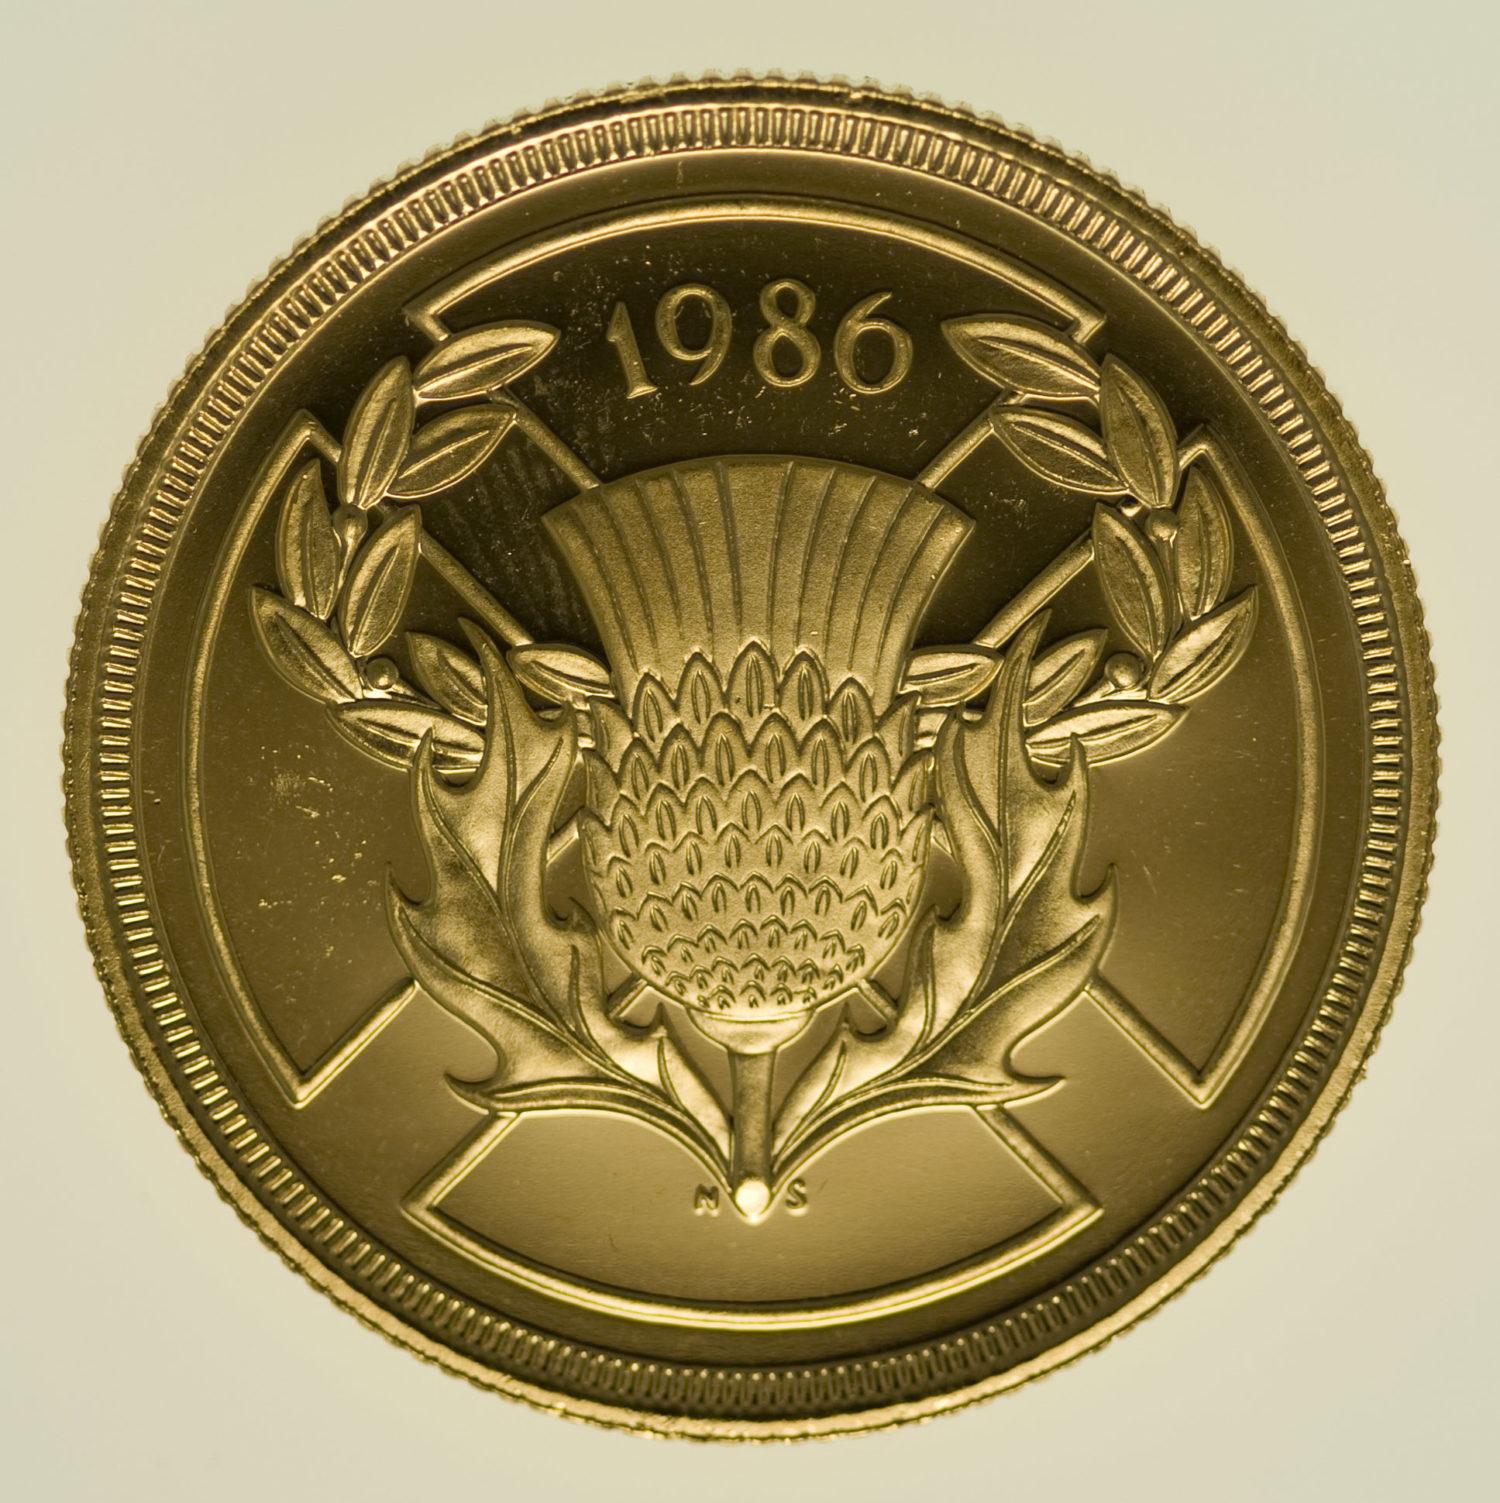 grossbritannien - Großbritannien Elisabeth II. 2 Pounds 1986